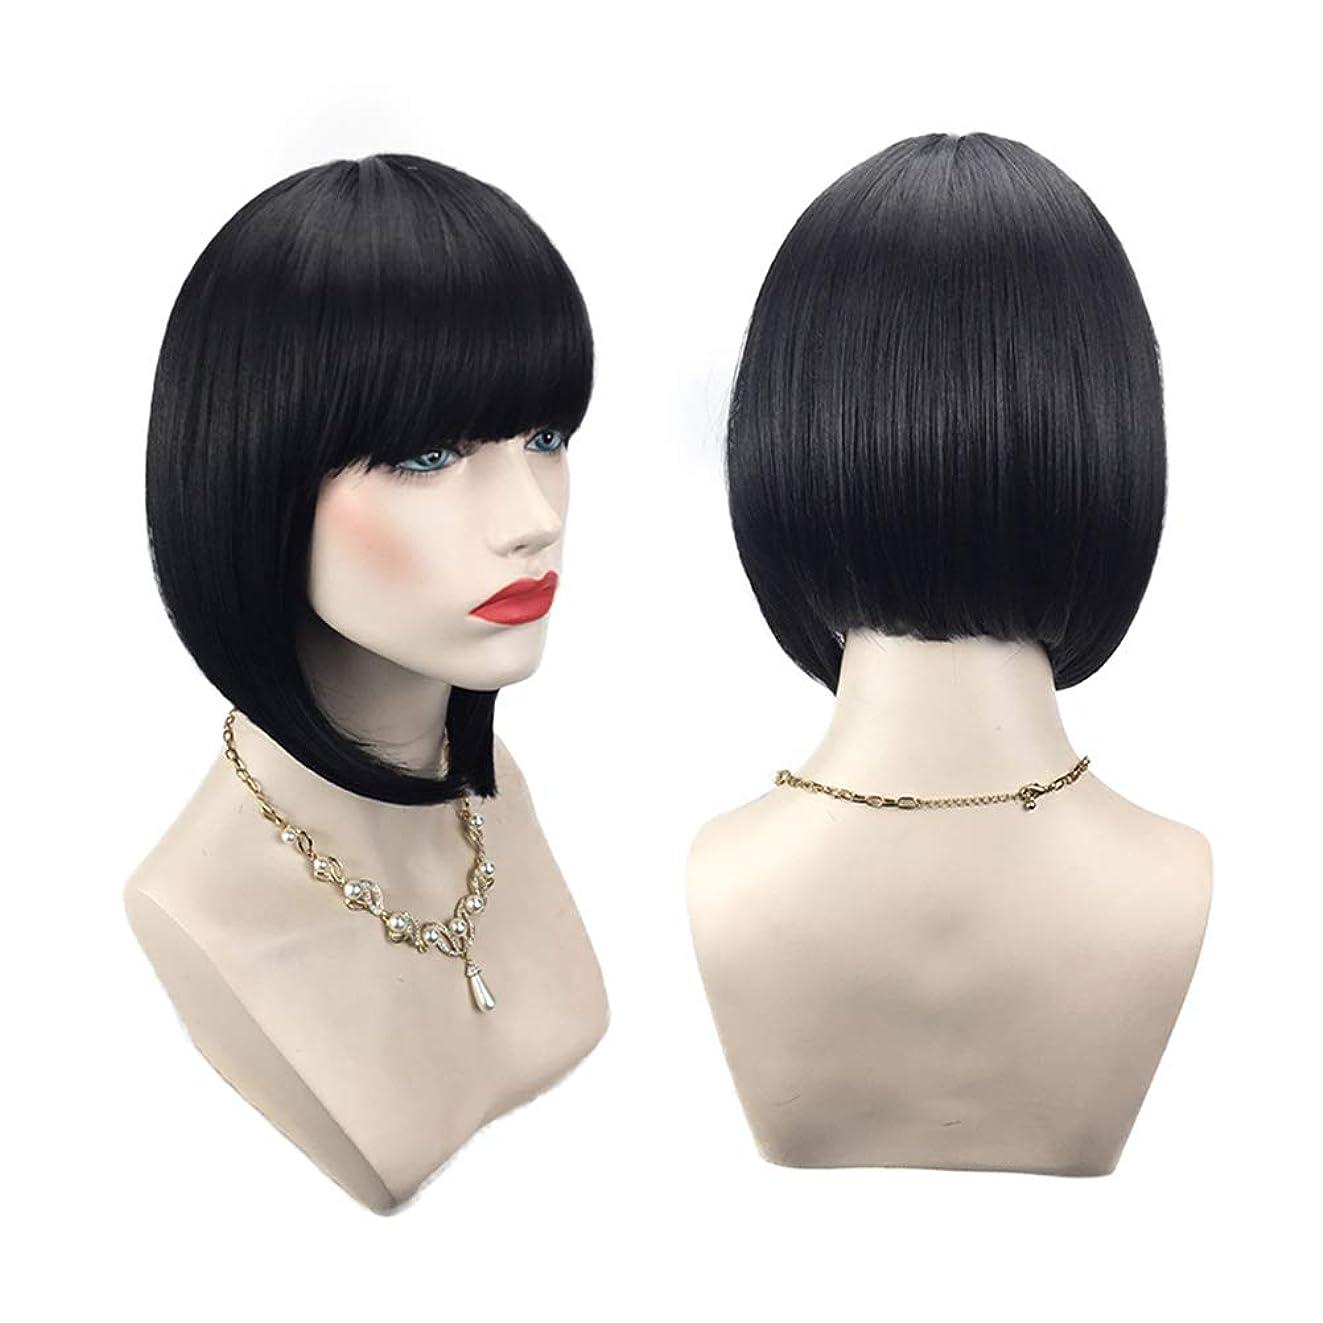 知っているに立ち寄るロープ息を切らしてヨーロッパとアメリカのスタイルの自然な絶妙な弾性ネットウィッグカバーを修復する女性の黒の短い髪のかつら顔